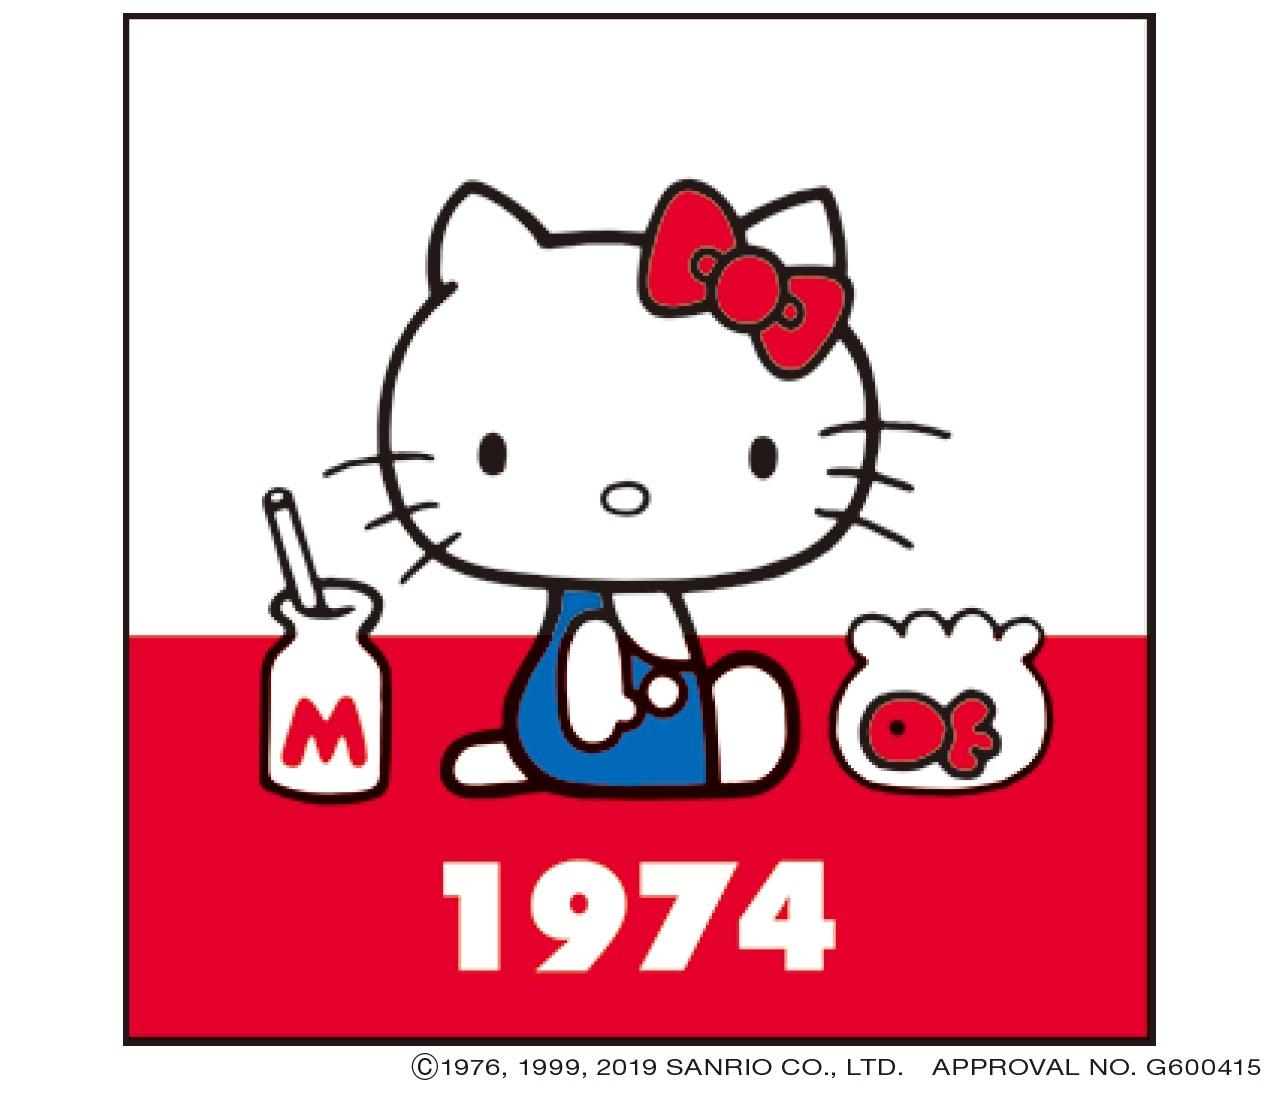 【祝ハローキティ45周年】ハローキティの歴代デザインを振り返ろう